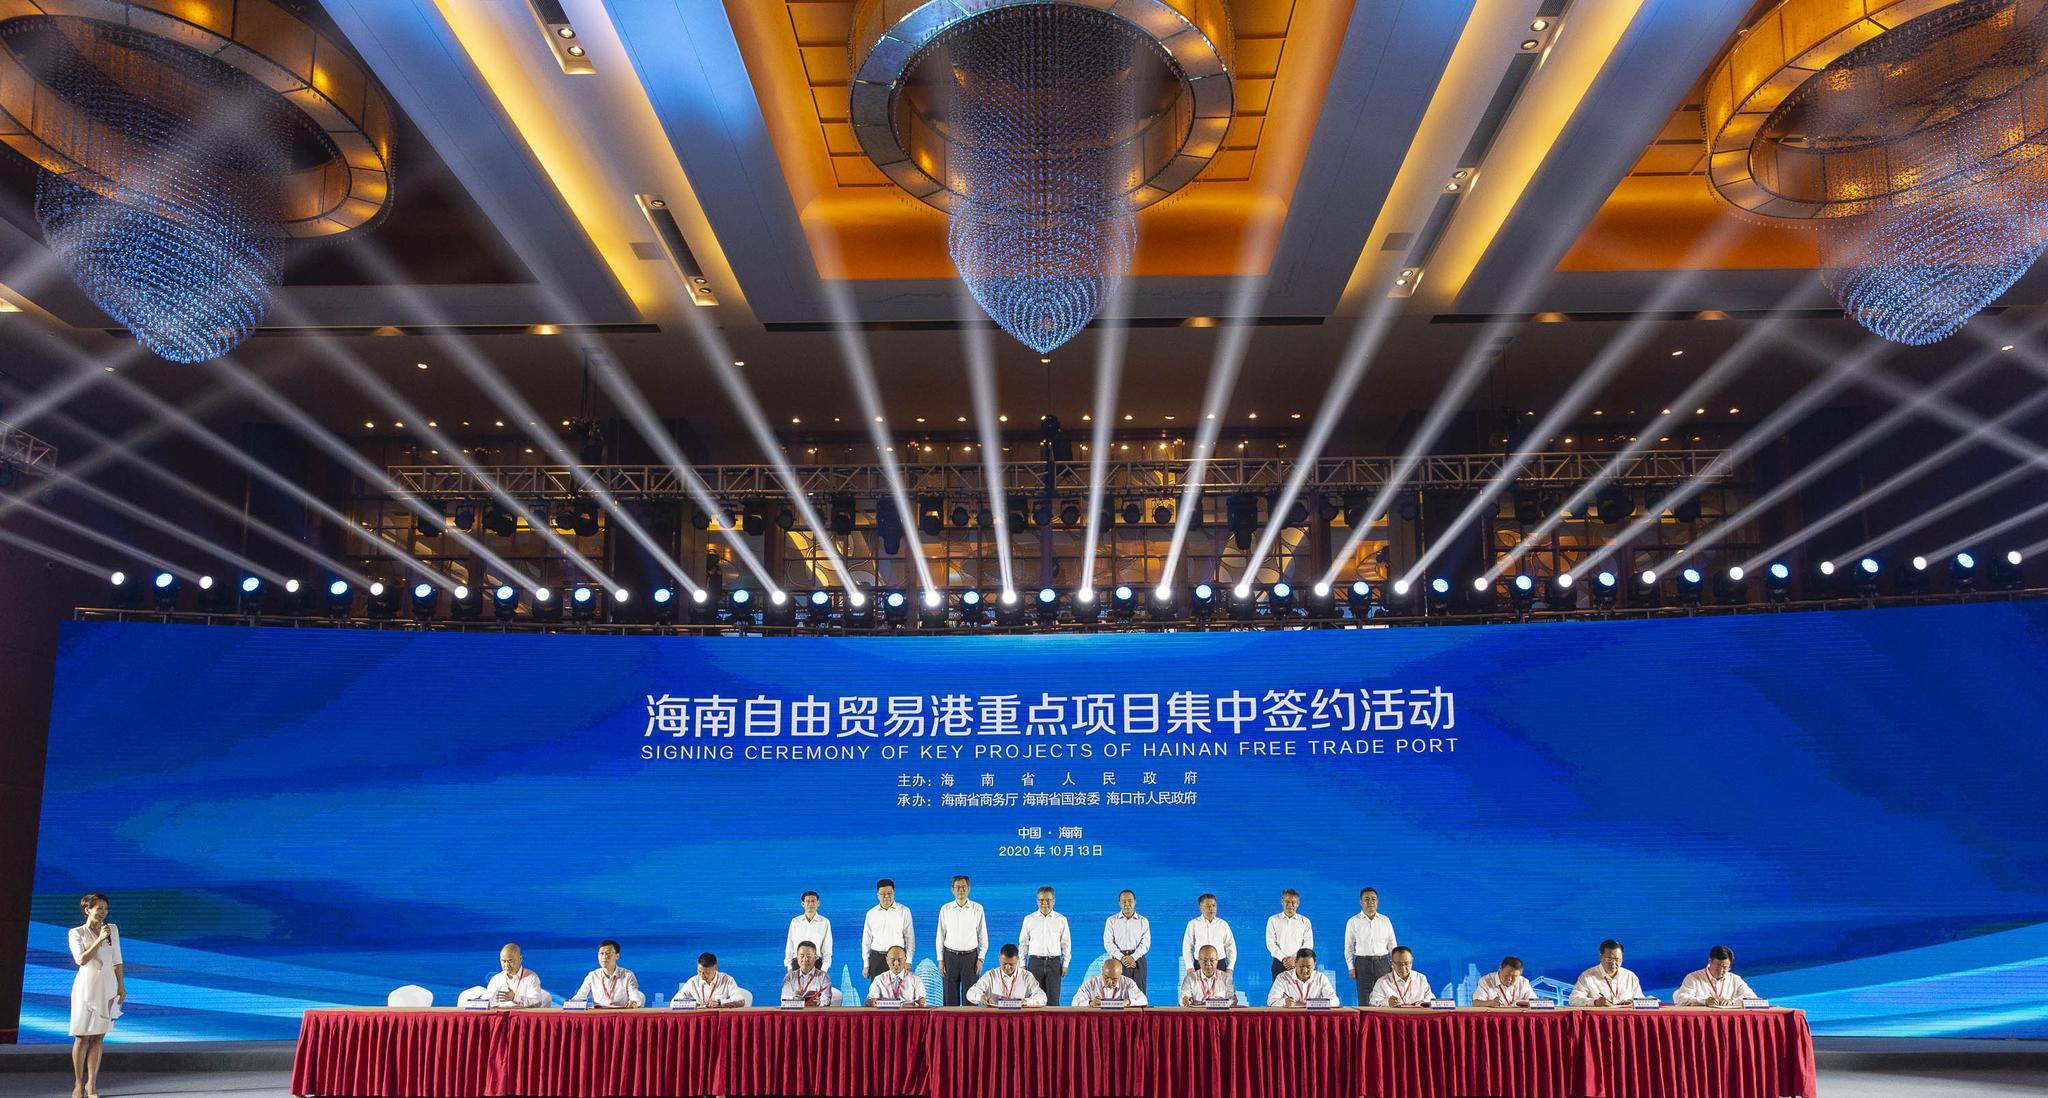 海南自由贸易港第三批集中签约46个重点项目图片